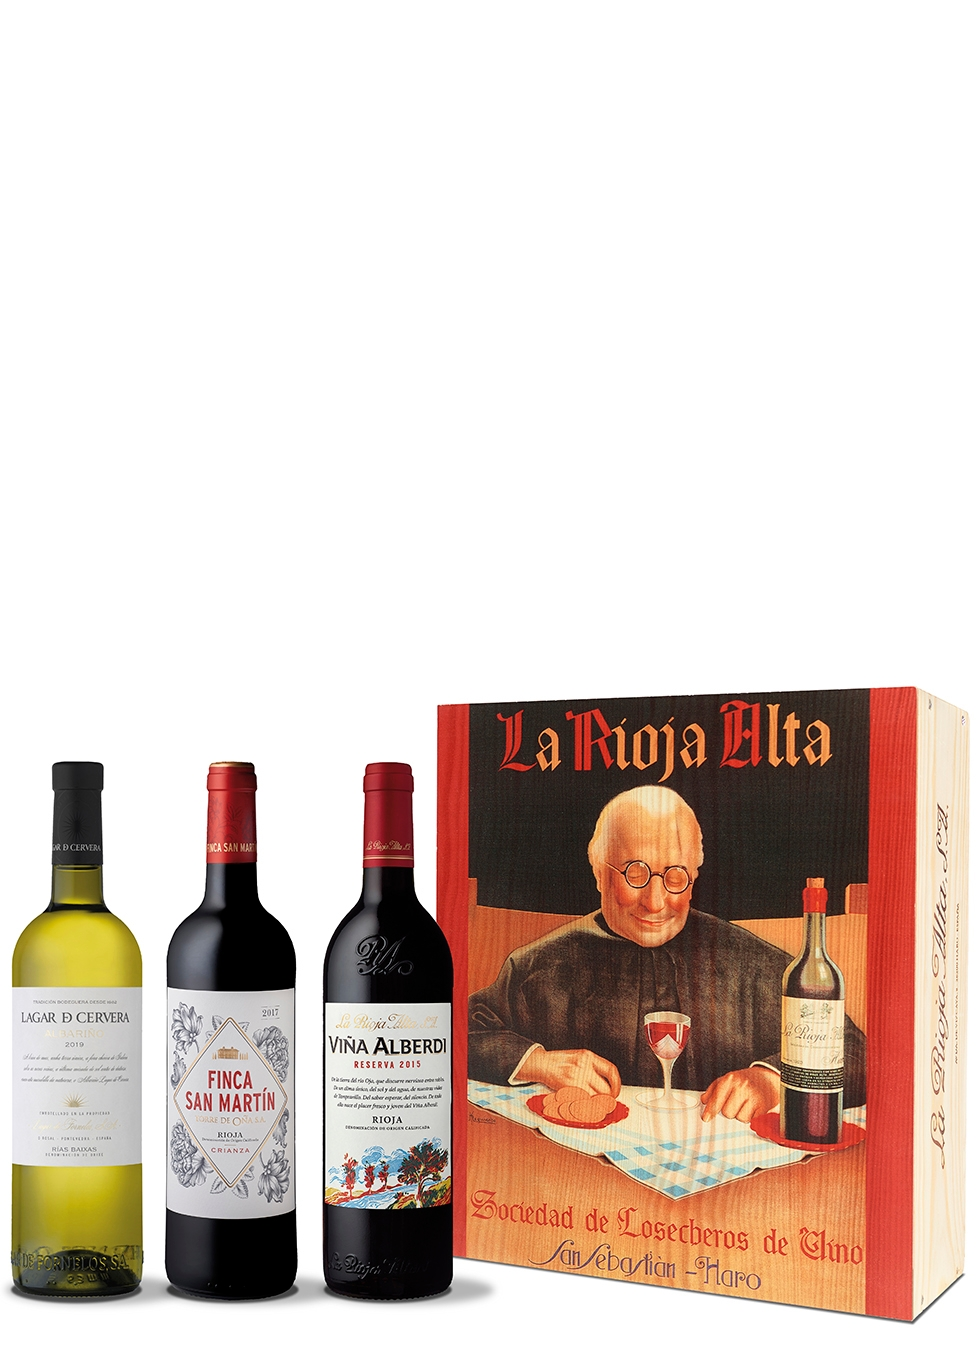 La Rioja Alta Discovery Gift Box 3 x 750ml